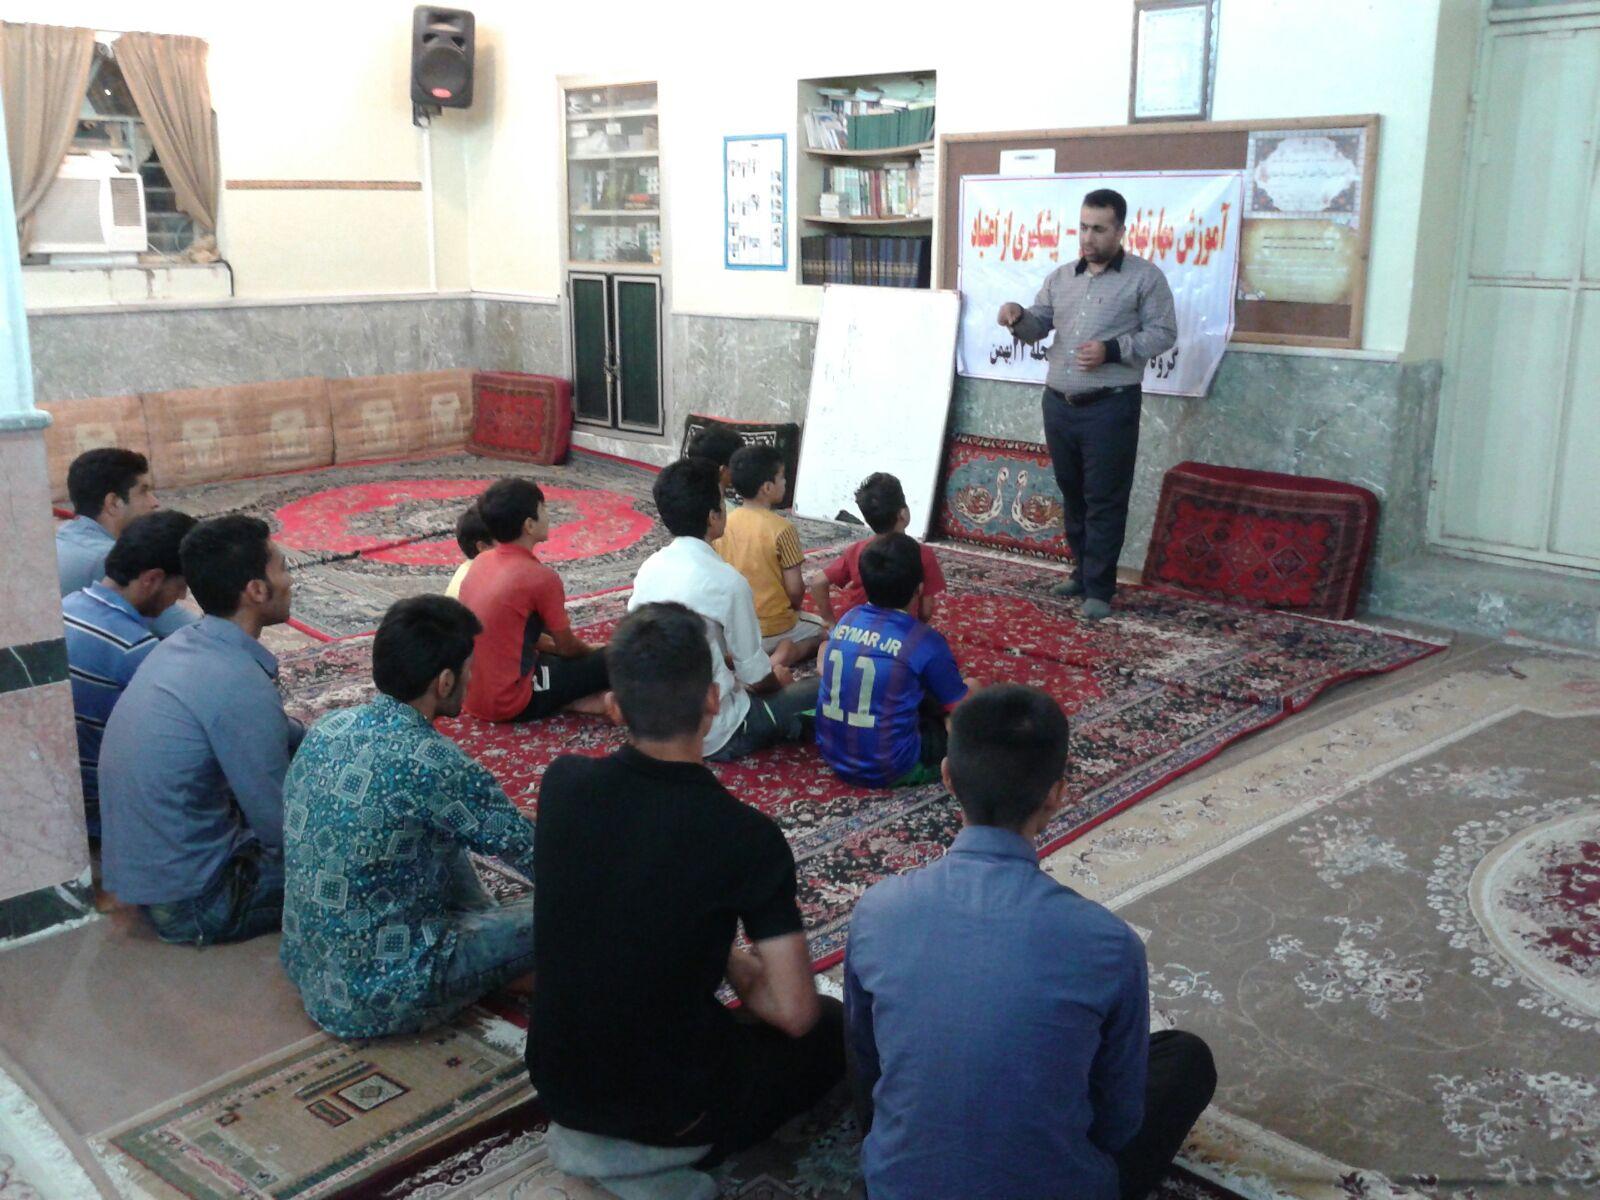 برگزاری کلاس آموزشی مهارت های زندگی و پیشگیری از اعتیاد توسط گروه اجتماع محور ۲۲ بهمن